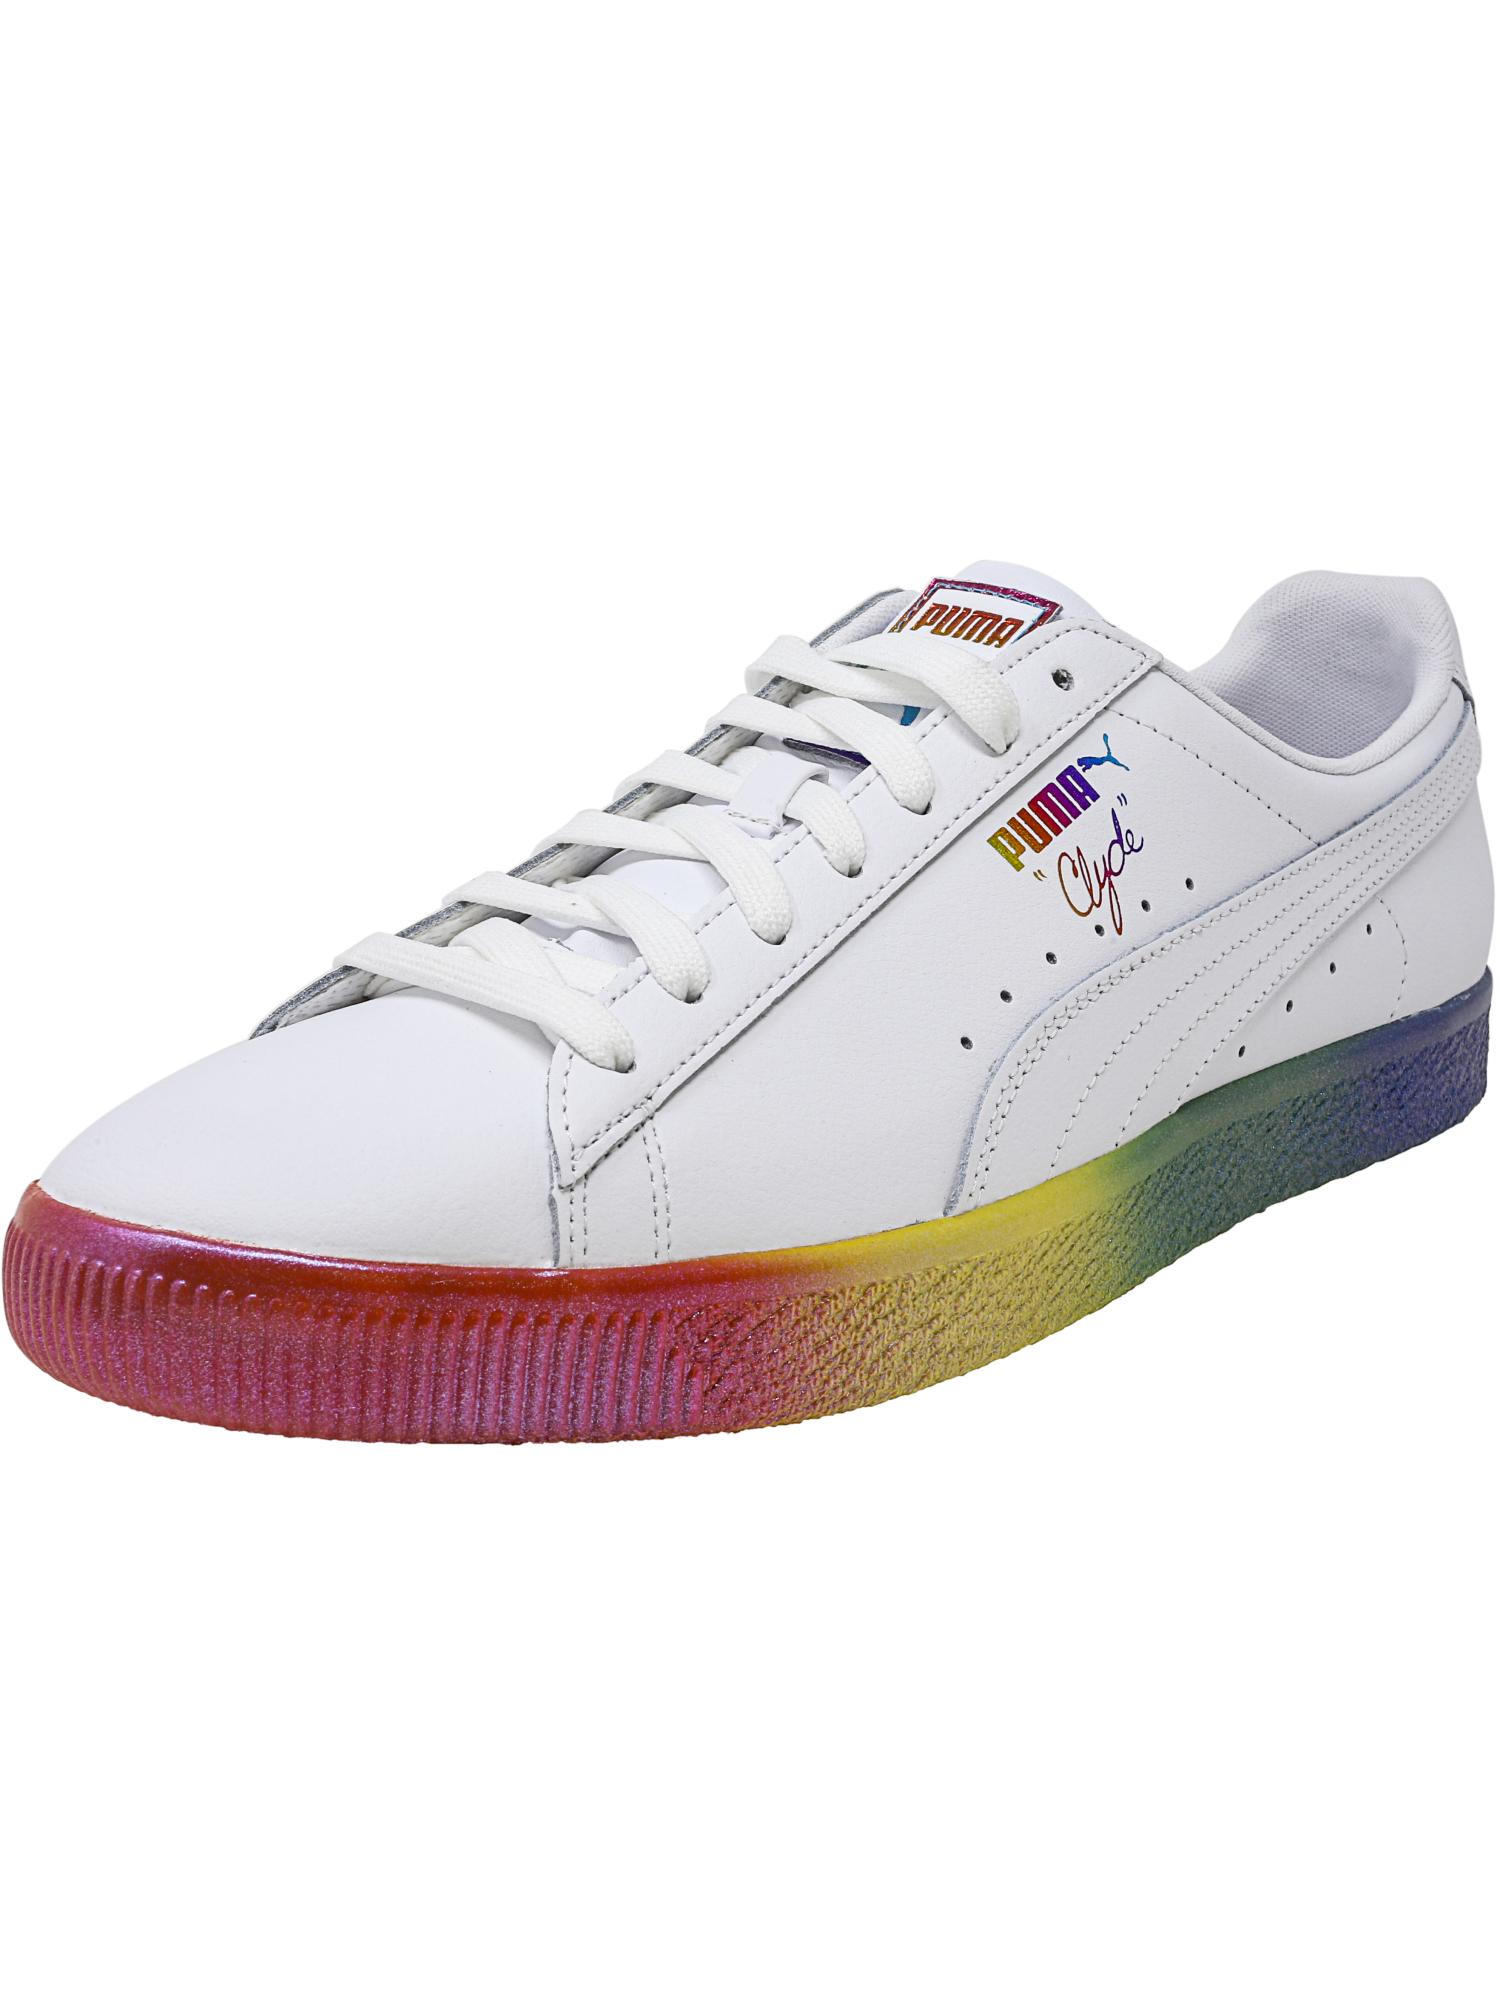 Sneaker alla uomo alla in caviglia pelle da Clyde moda Prd wUTpq7Bw